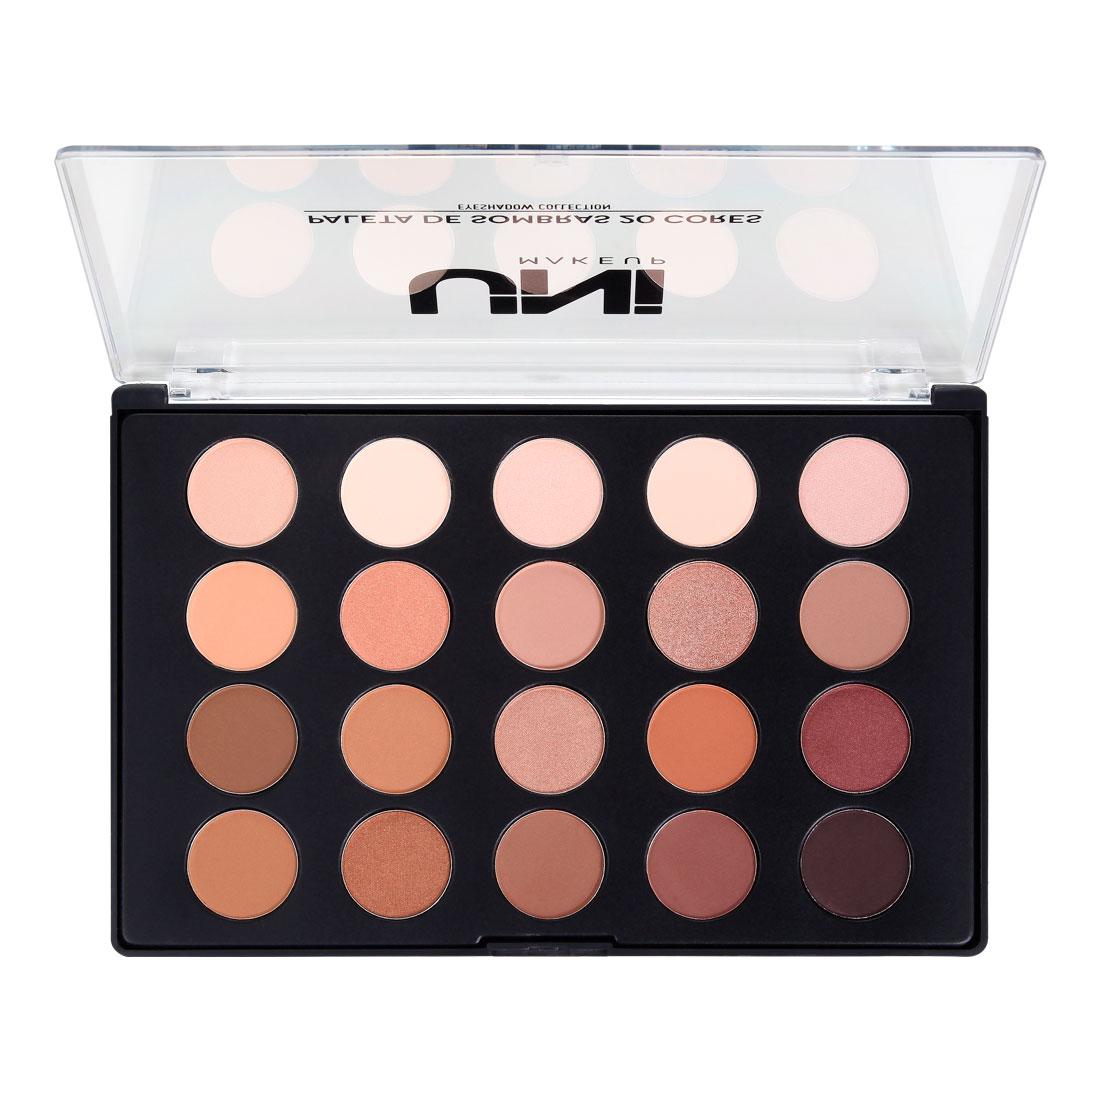 Uni Makeup Paleta de Sombras - 20 Sombras